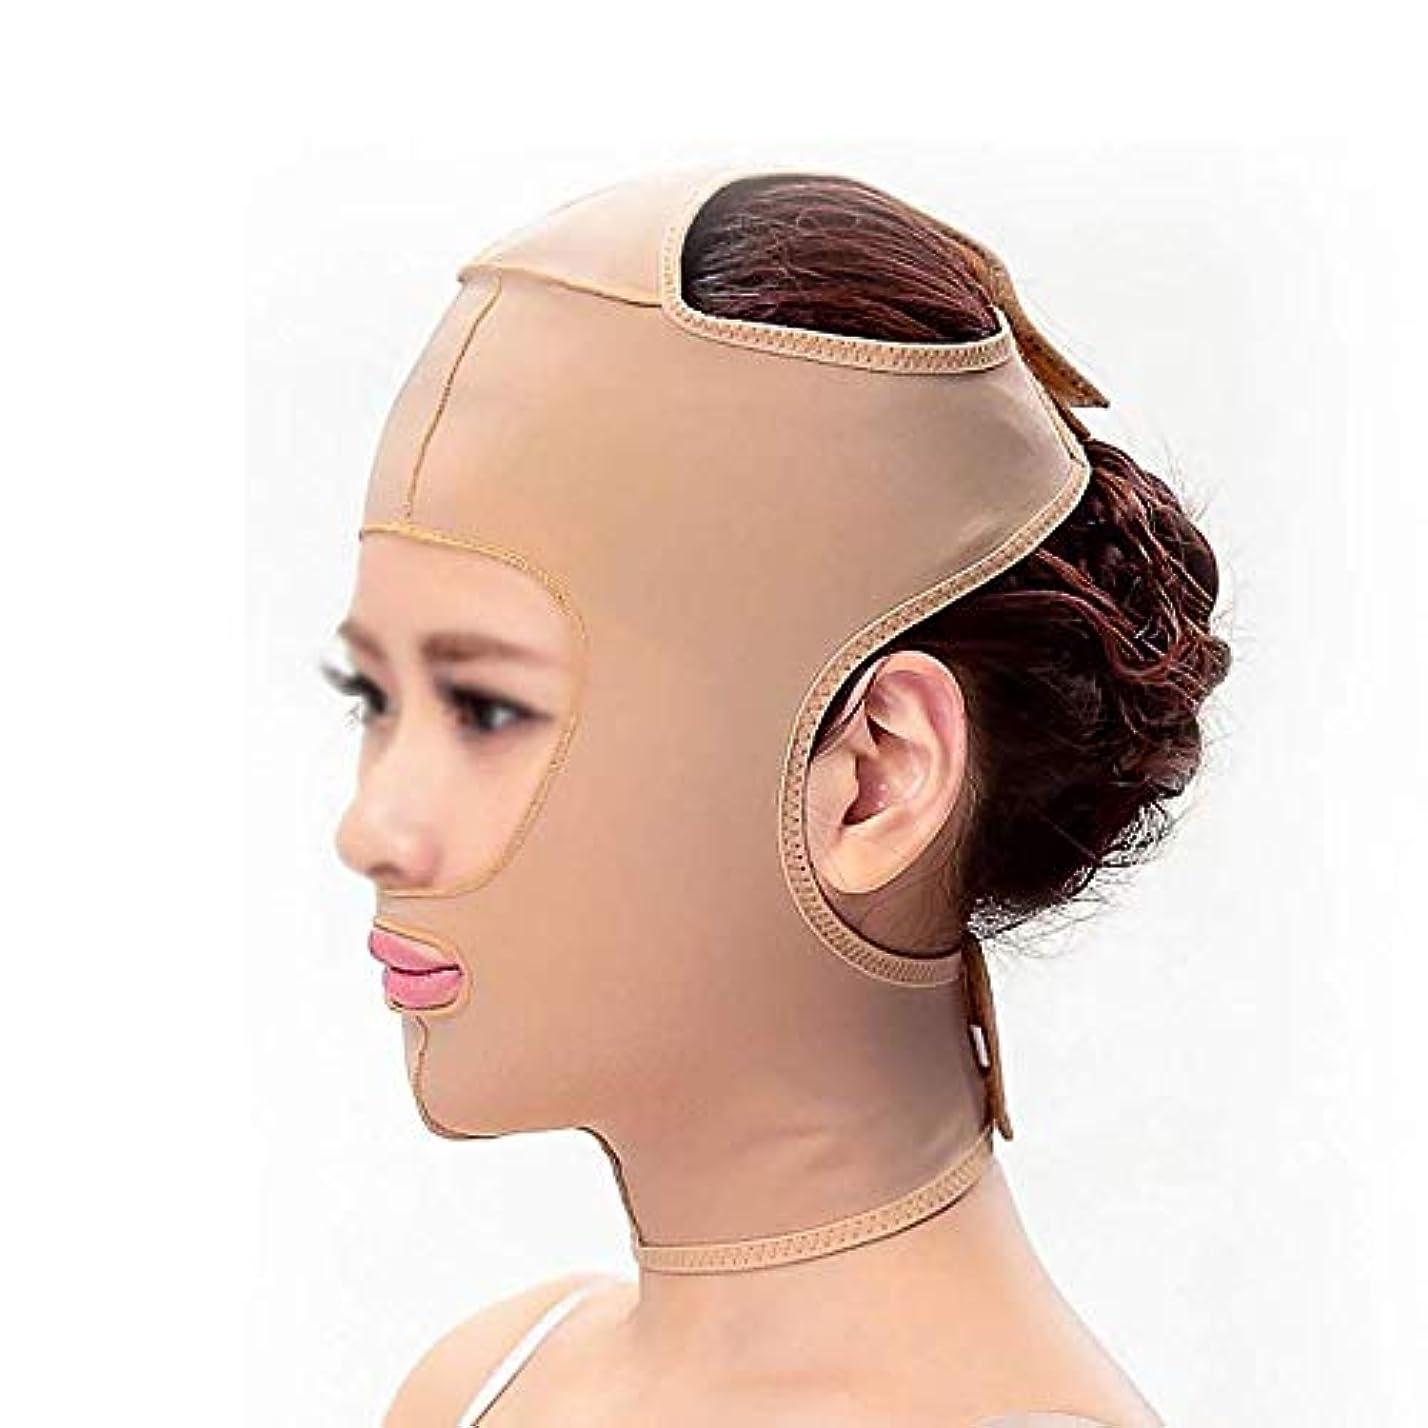 節約深さ特徴づけるHEMFV フェイシャル?シェーピング、繊細な顔のシンフェイススキンケアベルト状と顔Thiningバンドマスク二重あごフェイスを削減持ち上げ (Size : L)